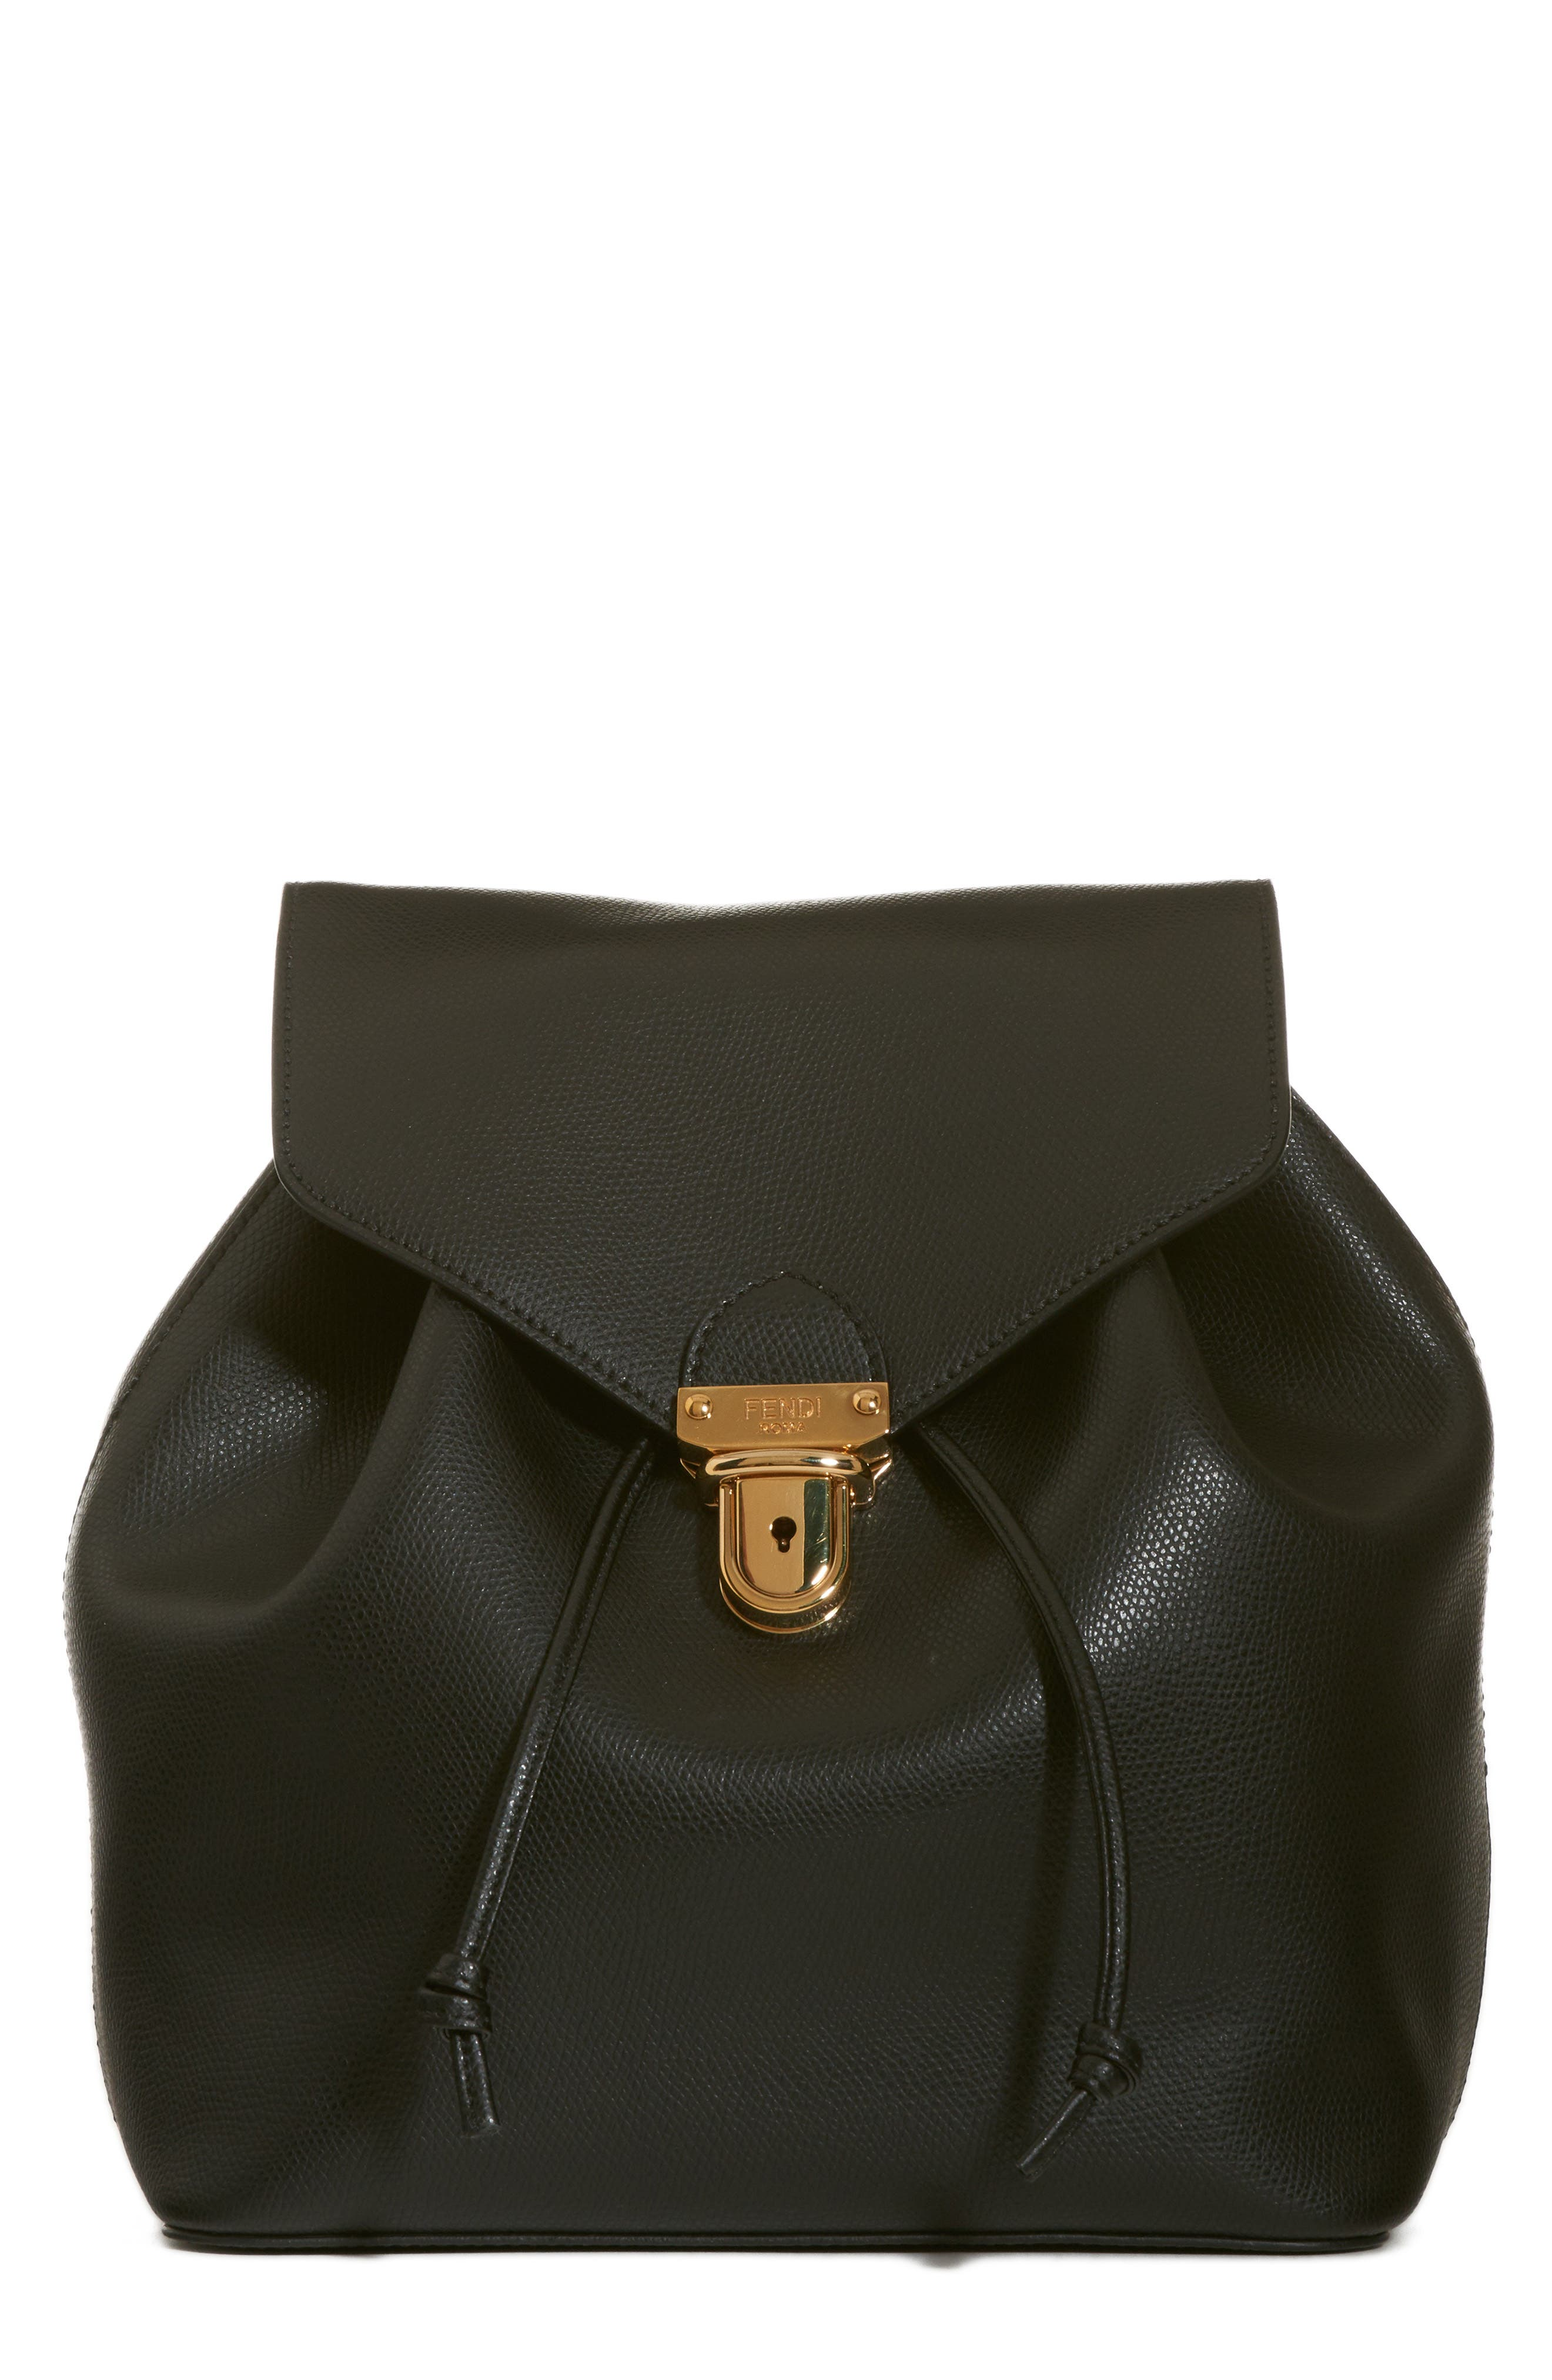 Fendi Cruise Calfskin Leather Backpack